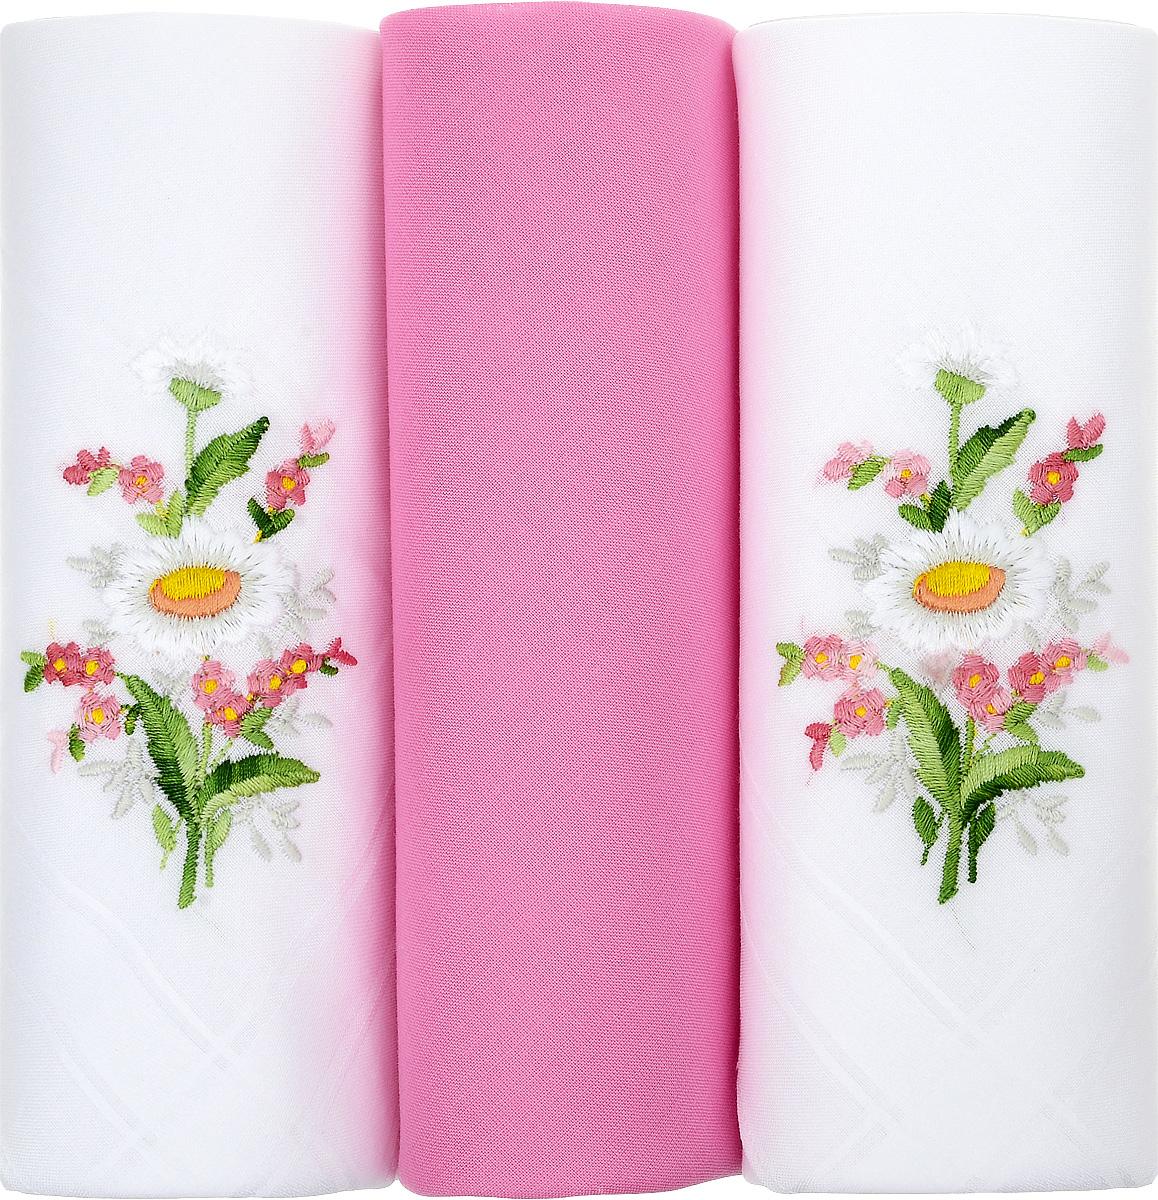 Платок носовой женский Zlata Korunka, цвет: белый, розовый, 3 шт. 25605-20. Размер 29 см х 29 см39864|Серьги с подвескамиНебольшой женский носовой платок Zlata Korunka изготовлен из высококачественного натурального хлопка, благодаря чему приятен в использовании, хорошо стирается, не садится и отлично впитывает влагу. Практичный и изящный носовой платок будет незаменим в повседневной жизни любого современного человека. Такой платок послужит стильным аксессуаром и подчеркнет ваше превосходное чувство вкуса.В комплекте 3 платка.